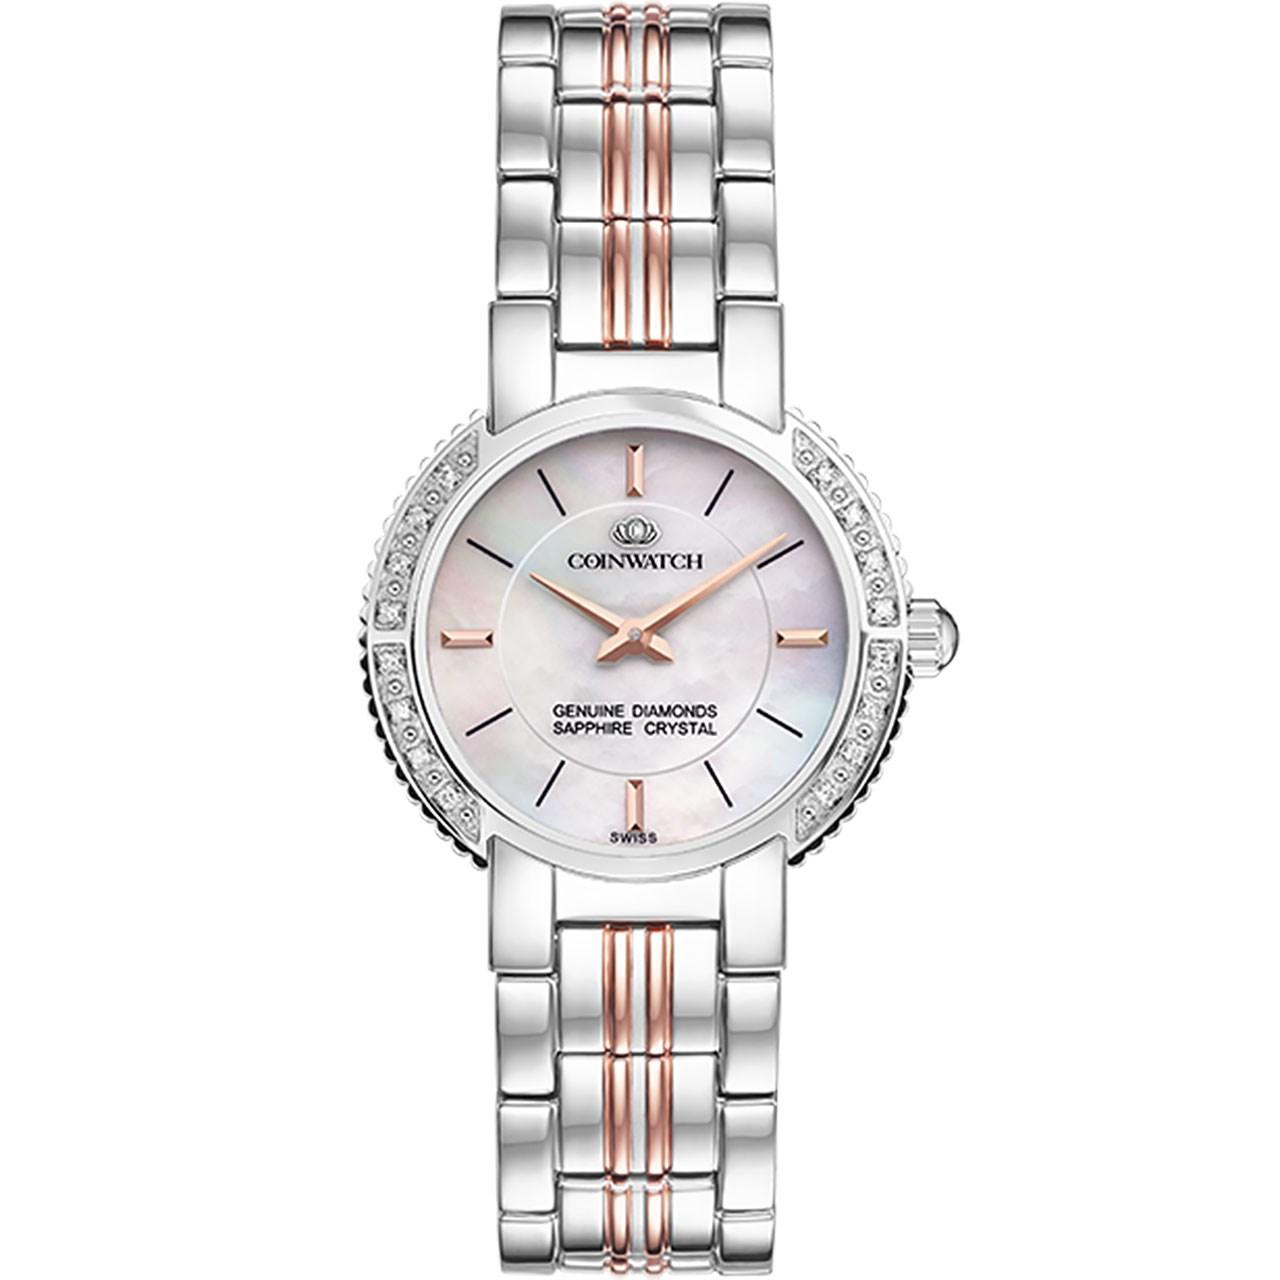 ساعت مچی عقربه ای زنانه کوین واچ مدل C159RWH